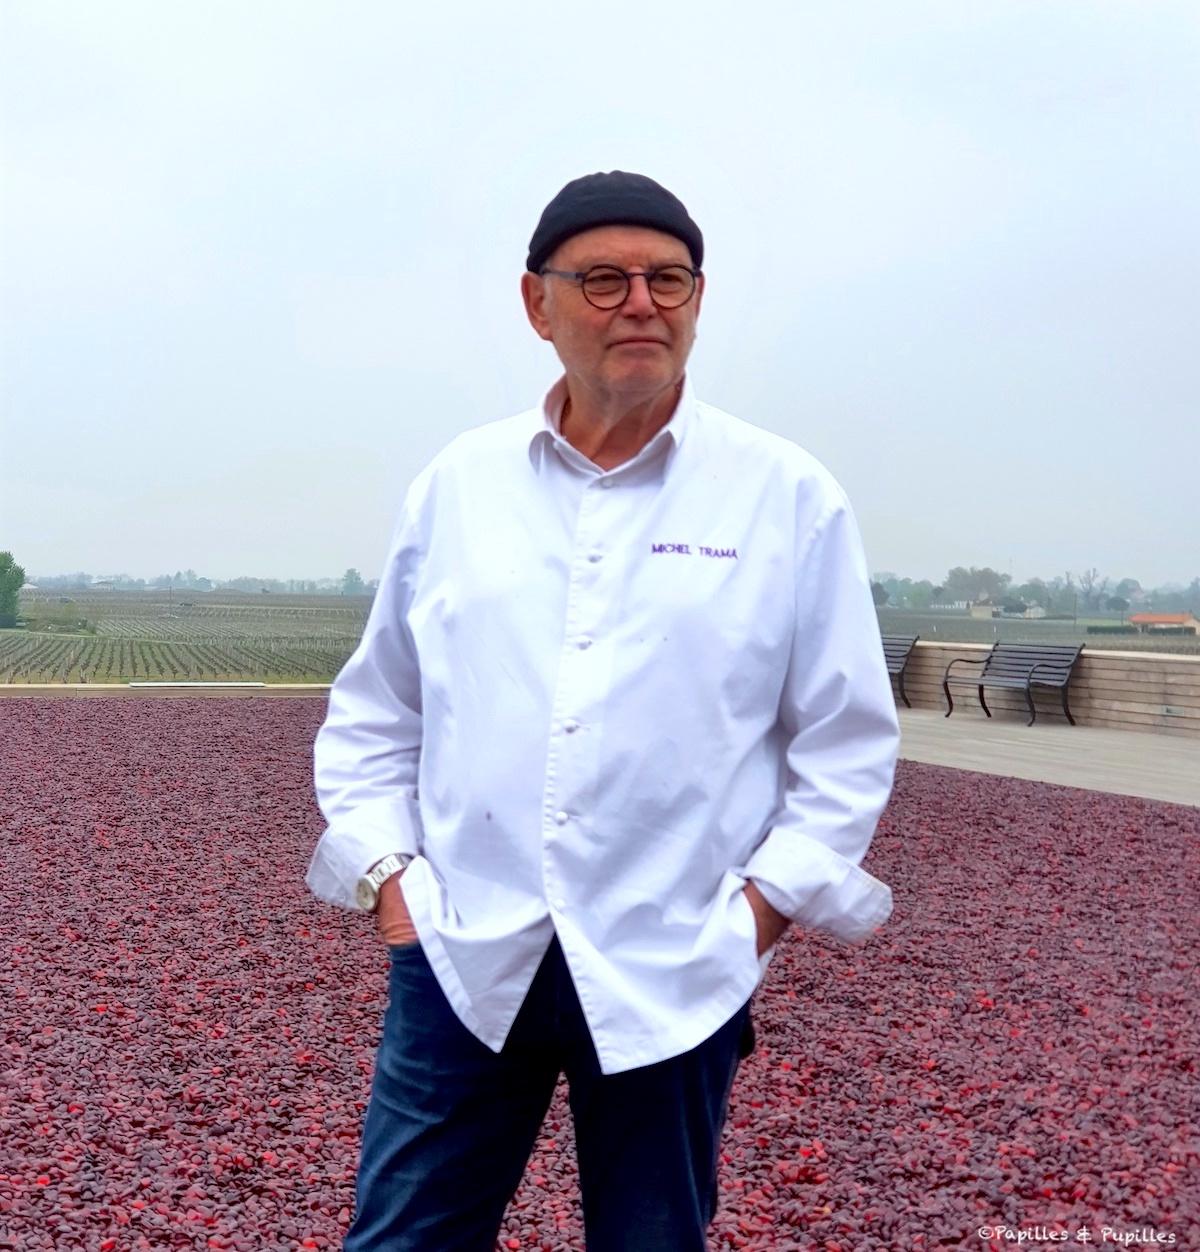 Michel Trama - La terrasse rouge